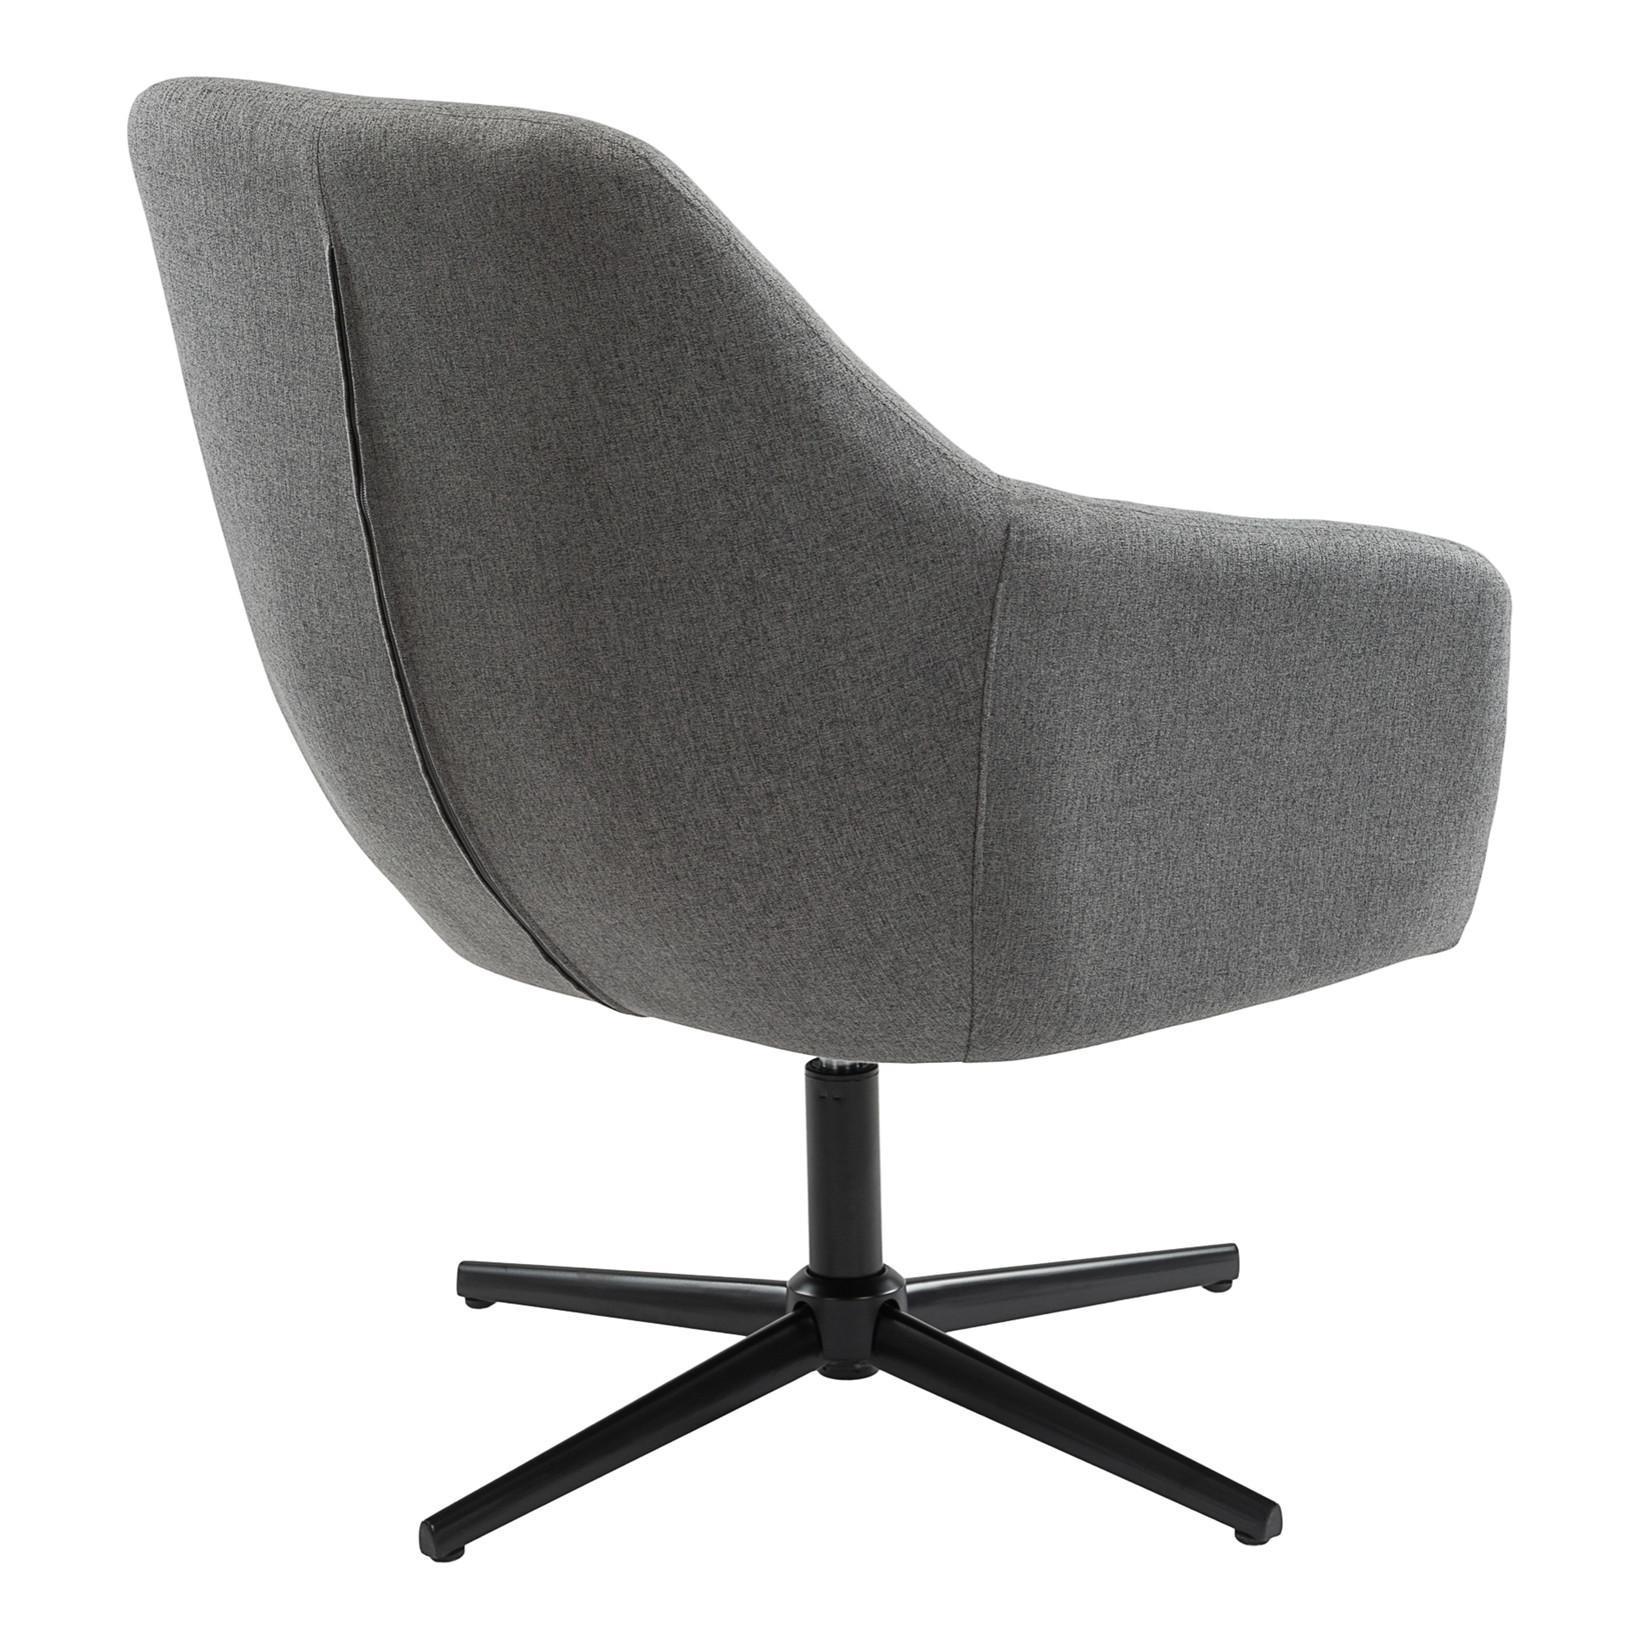 Køb AVA loungestol mørkegrå lige her! | Lækker kvalitet | Hurtig fragt!